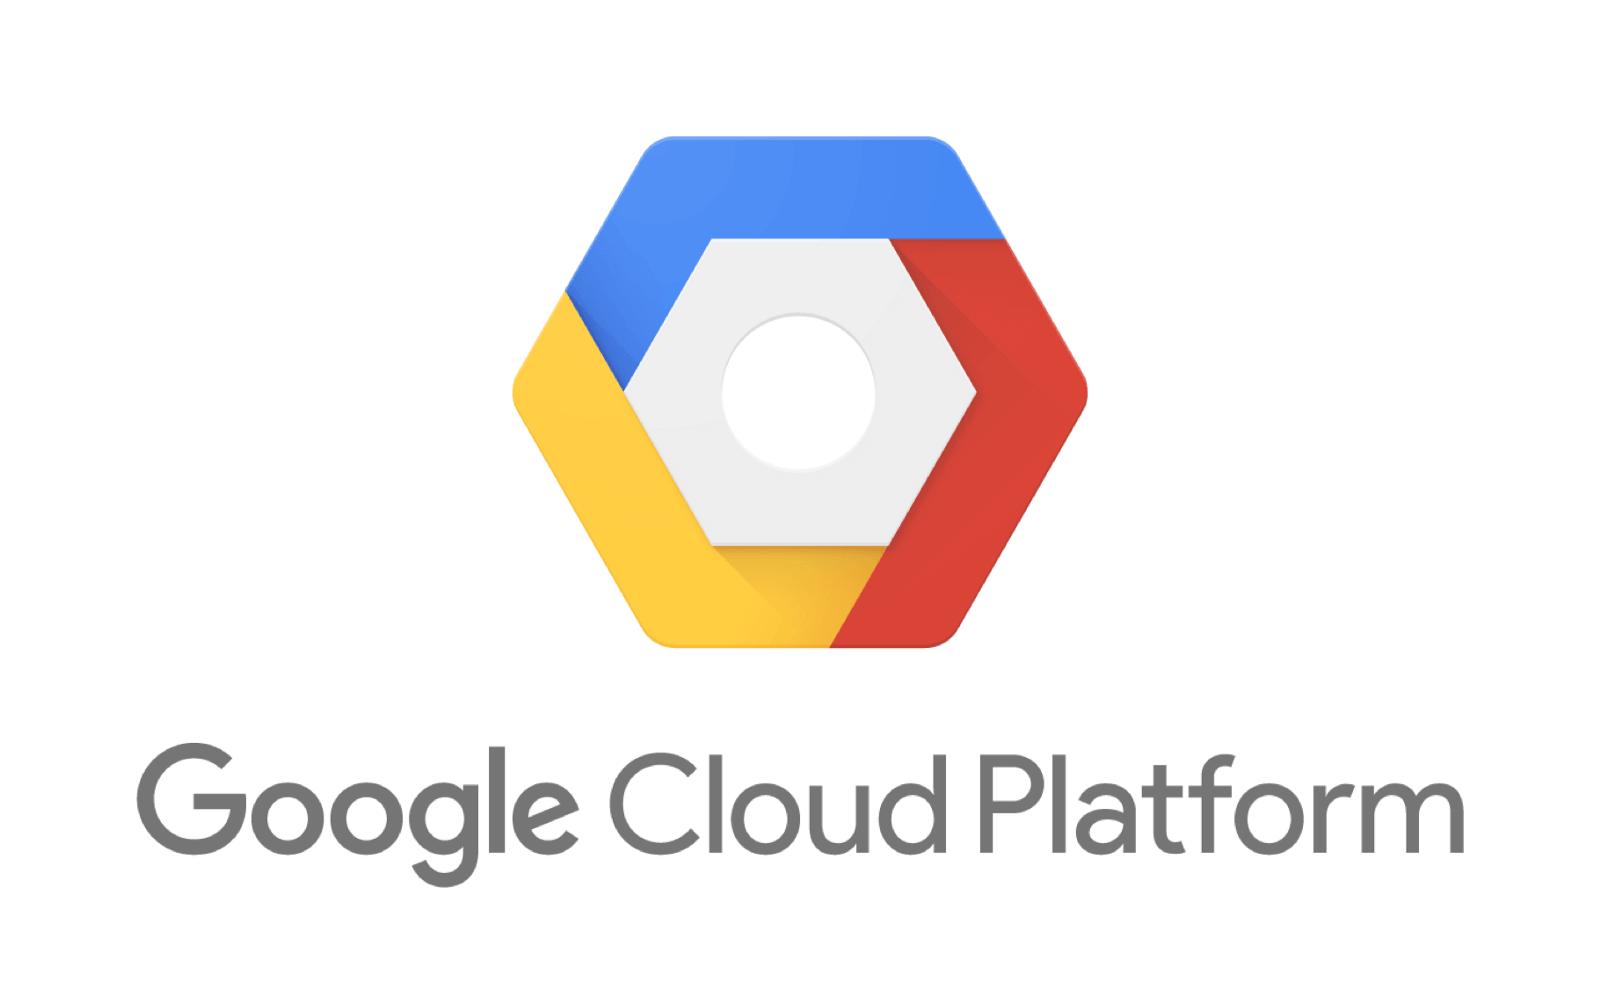 How Do I Access My Google Cloud